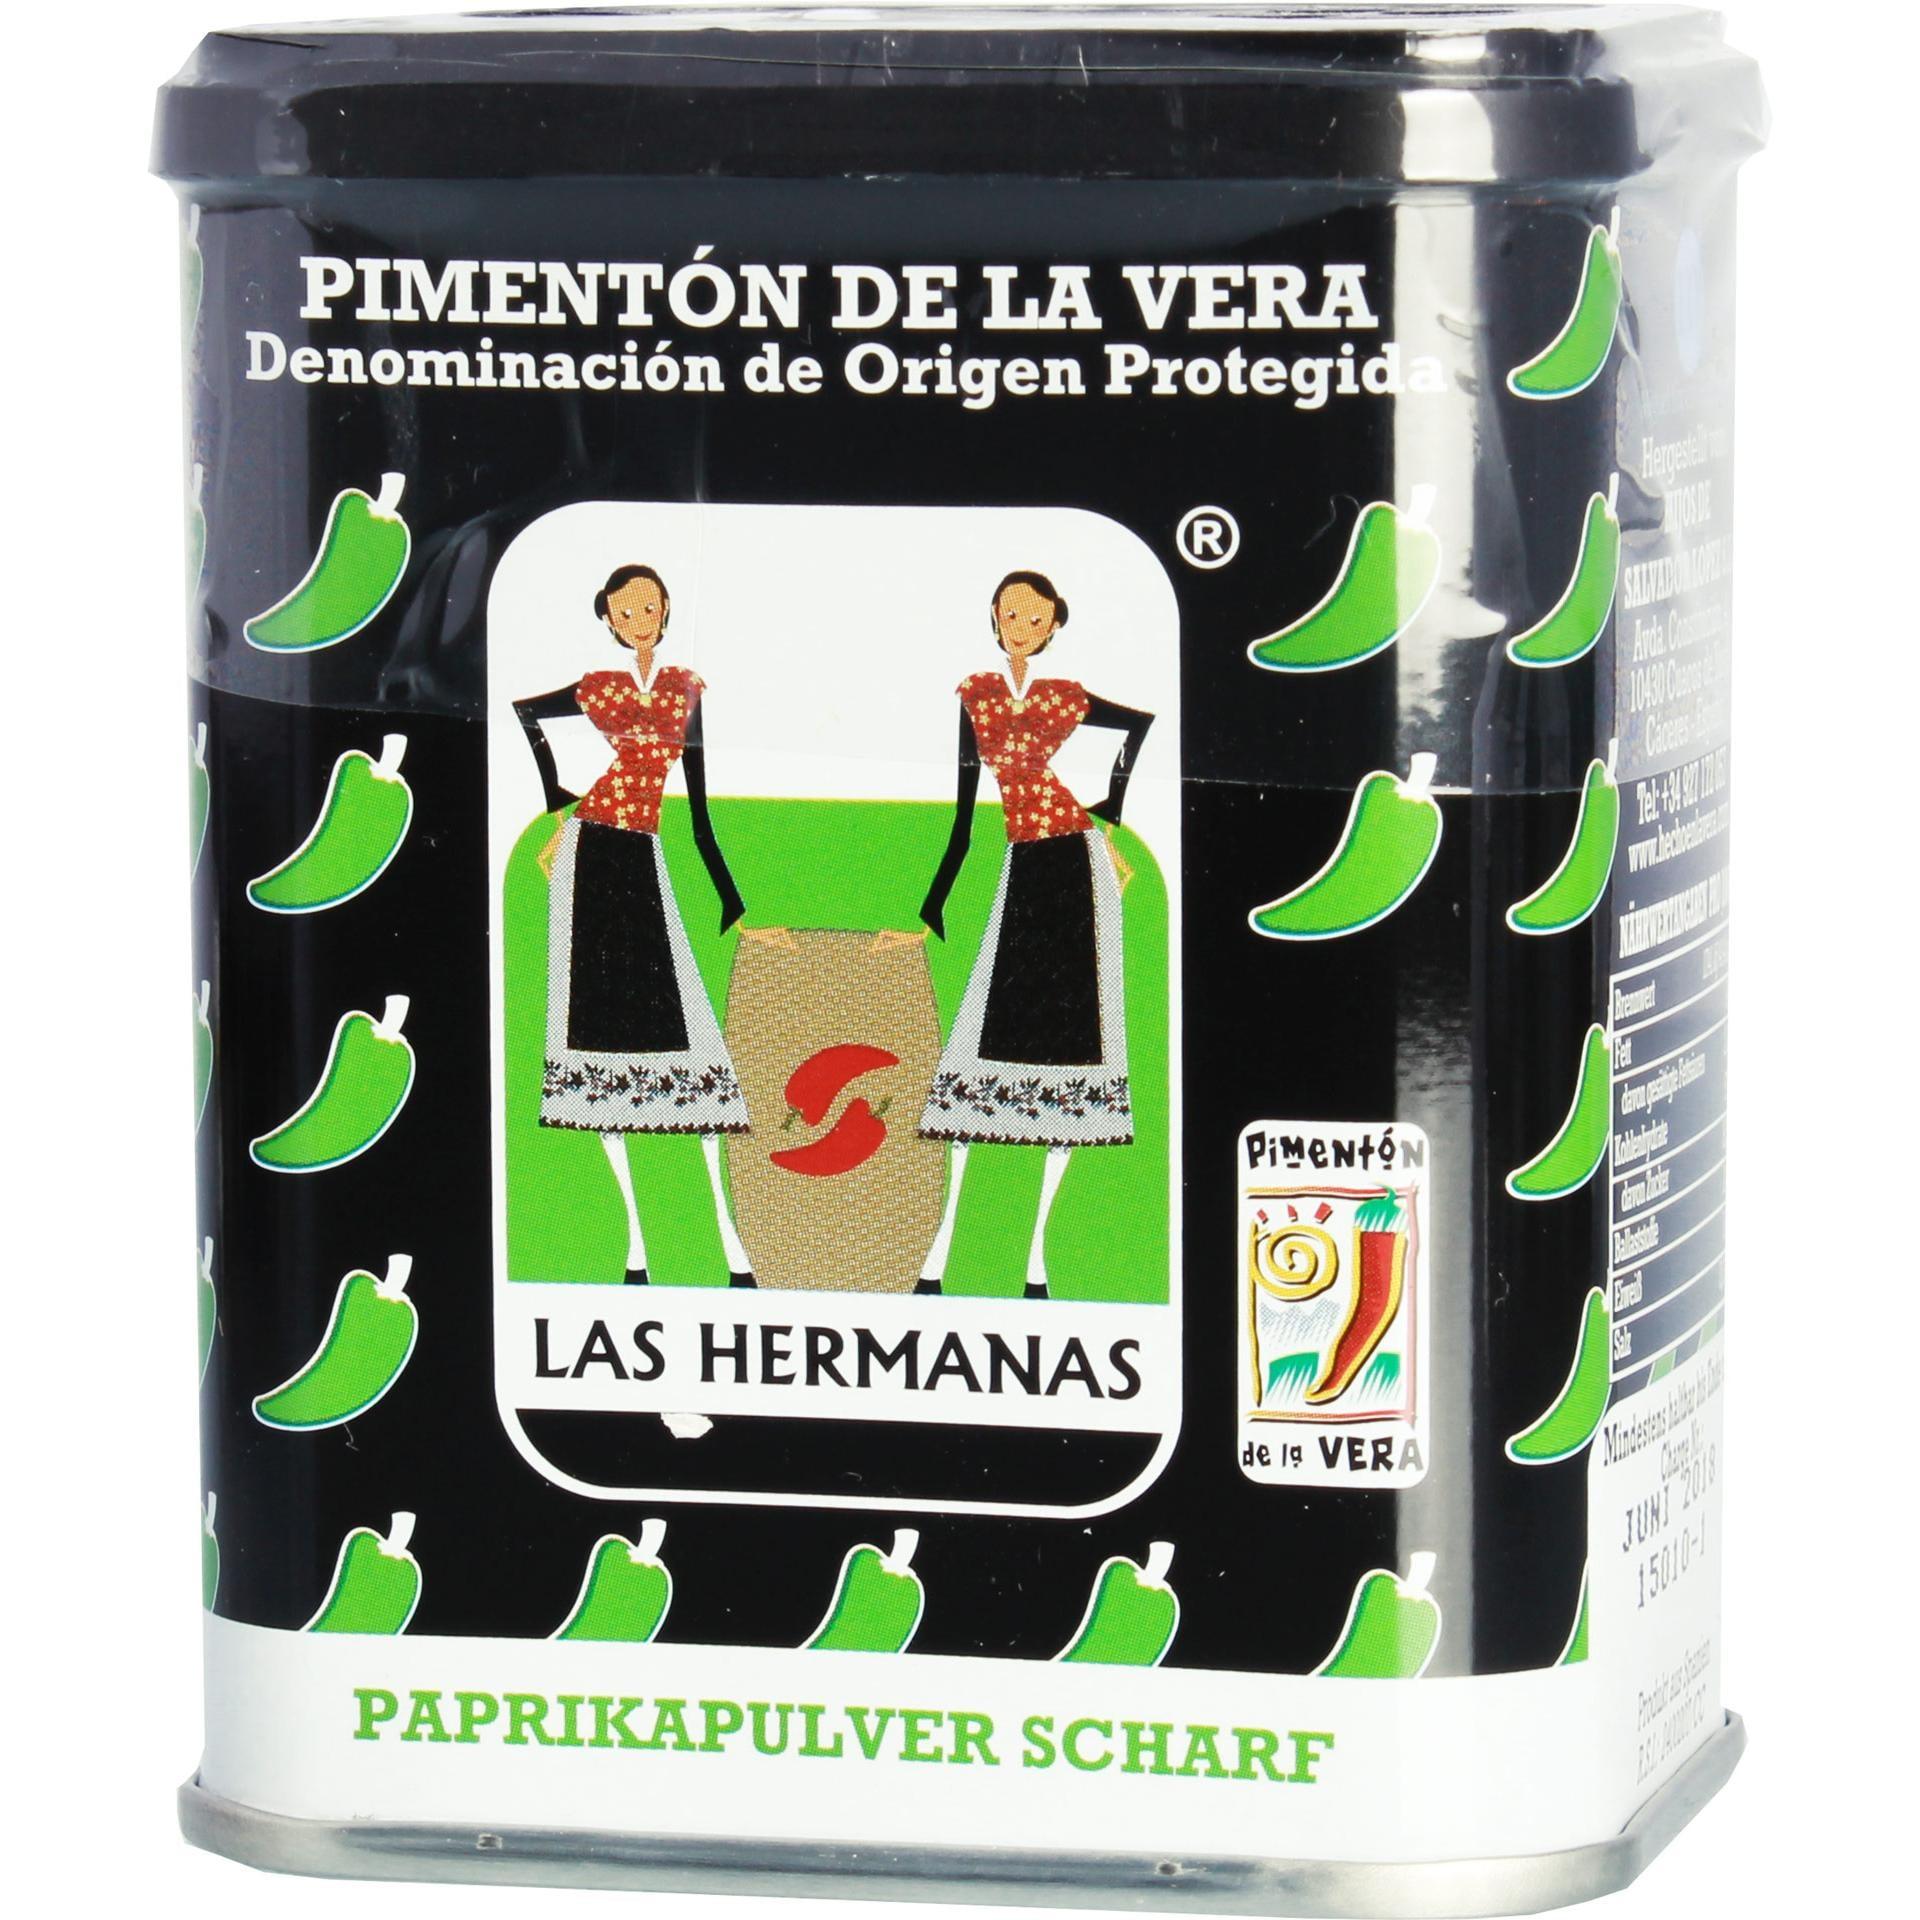 Las Hermanas - Paprikapulver scharf - 80g